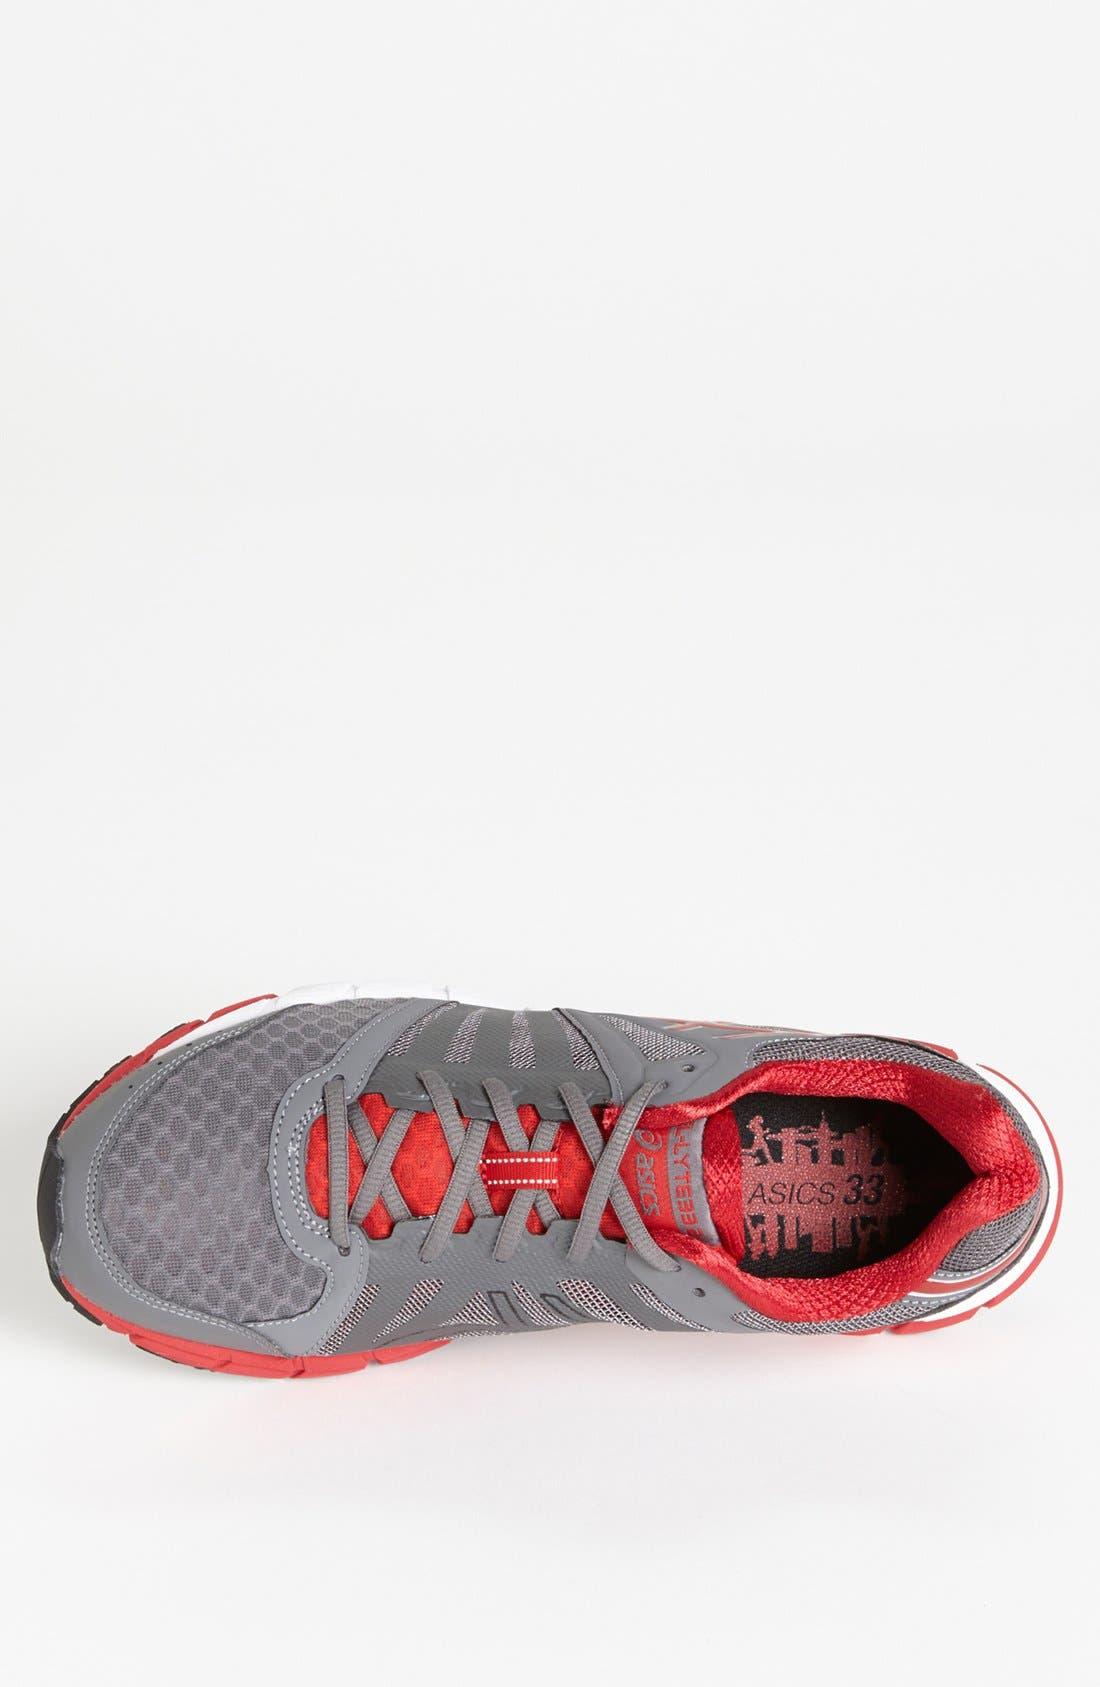 Alternate Image 3  - ASICS 'GEL-Lyte 33 2.0' Running Shoe (Men)